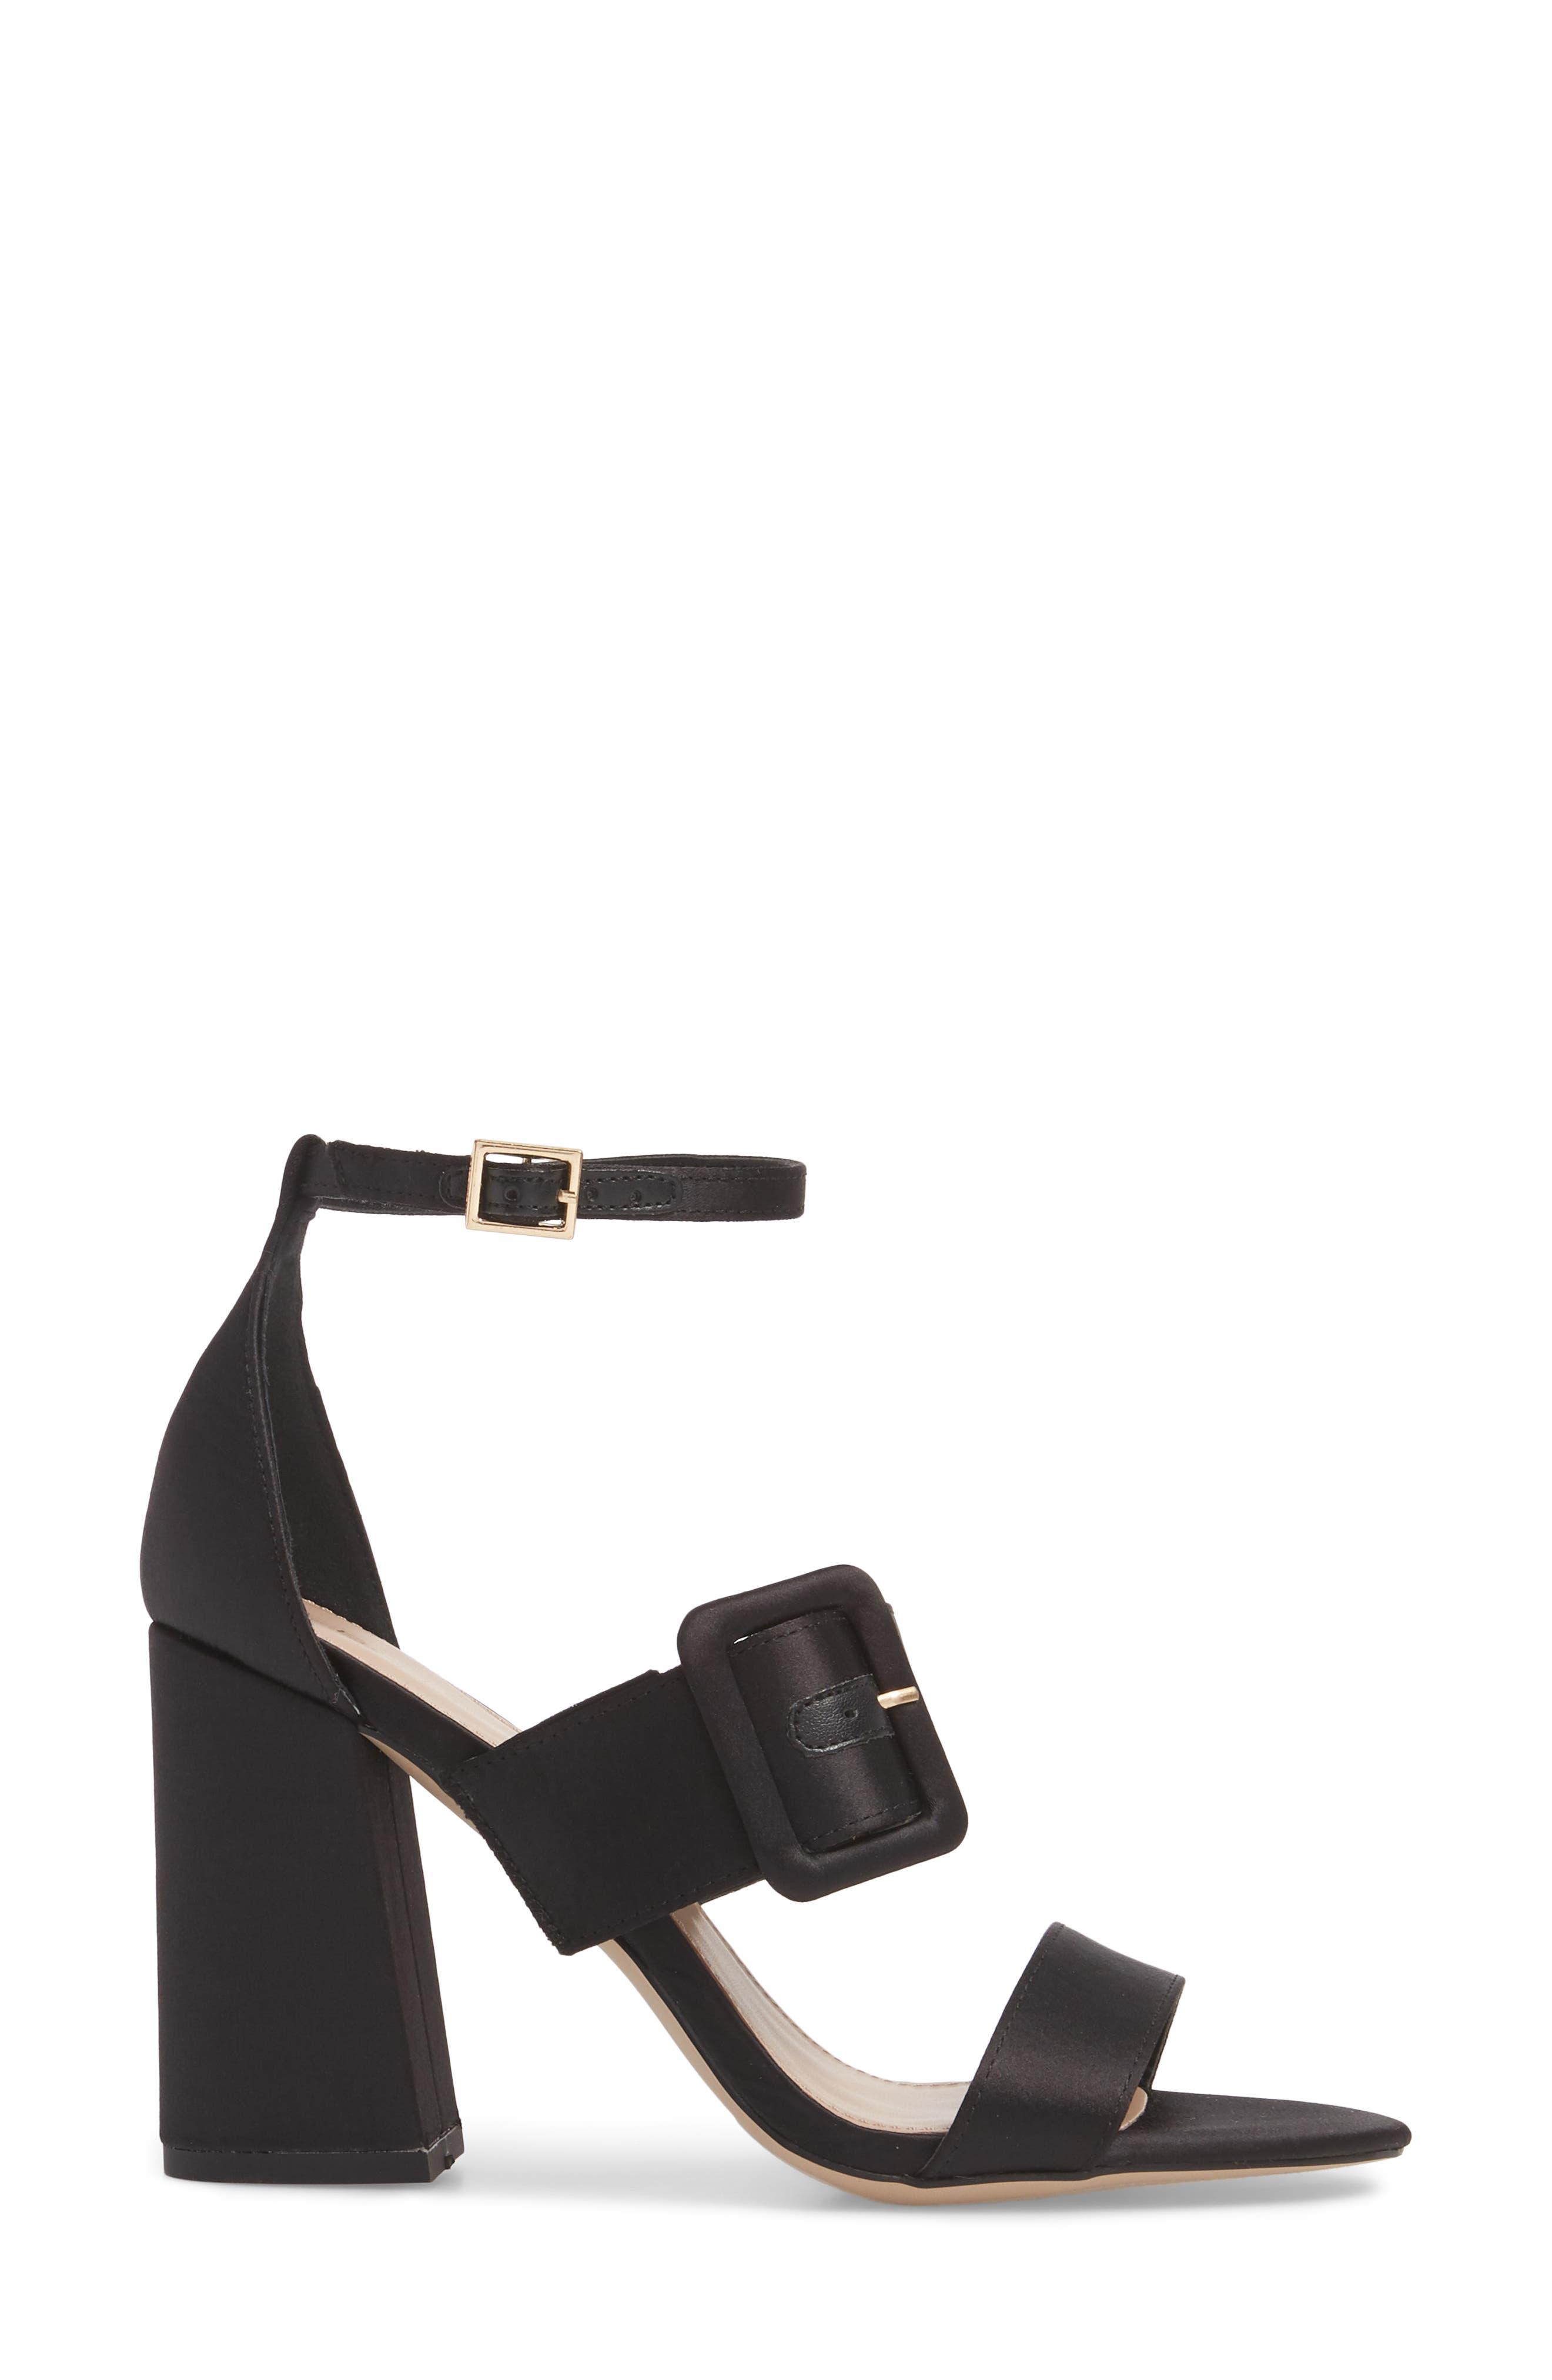 Raelynn Ankle Strap Sandal,                             Alternate thumbnail 3, color,                             BLACK SATIN